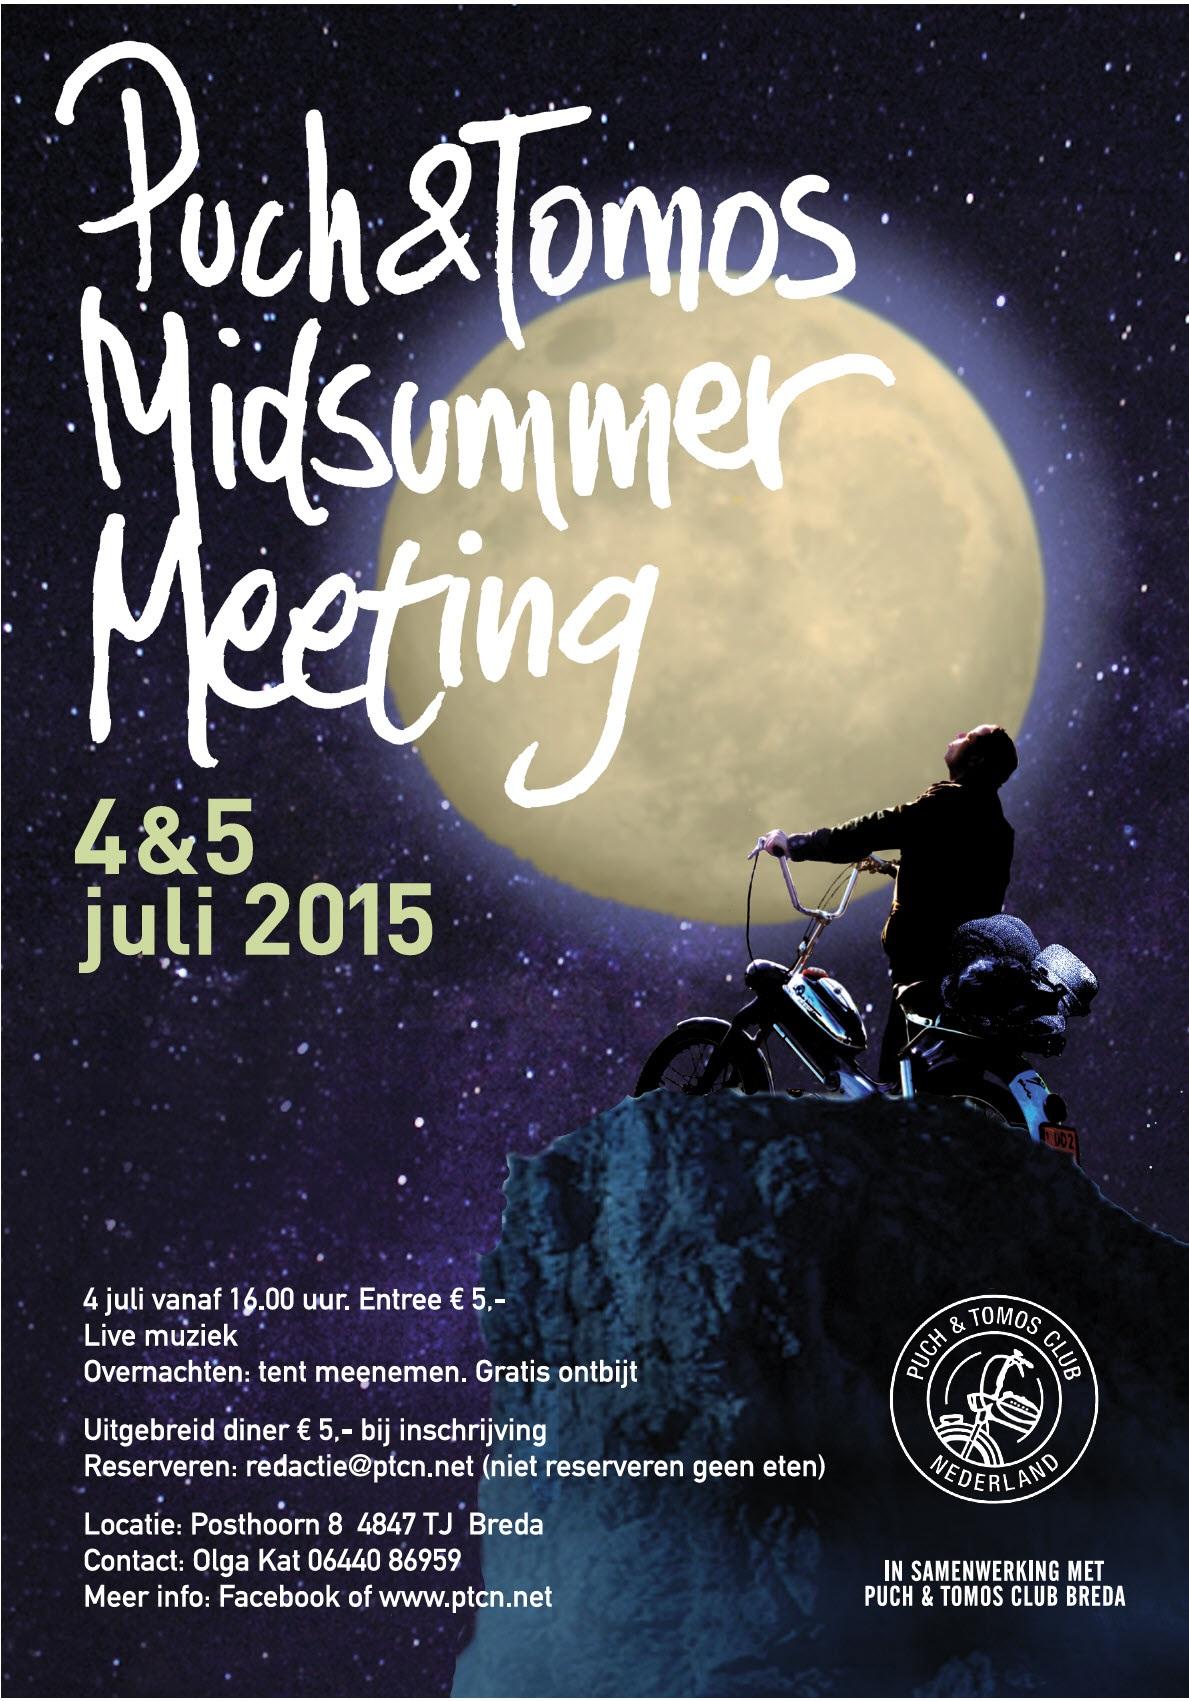 Poster JPG